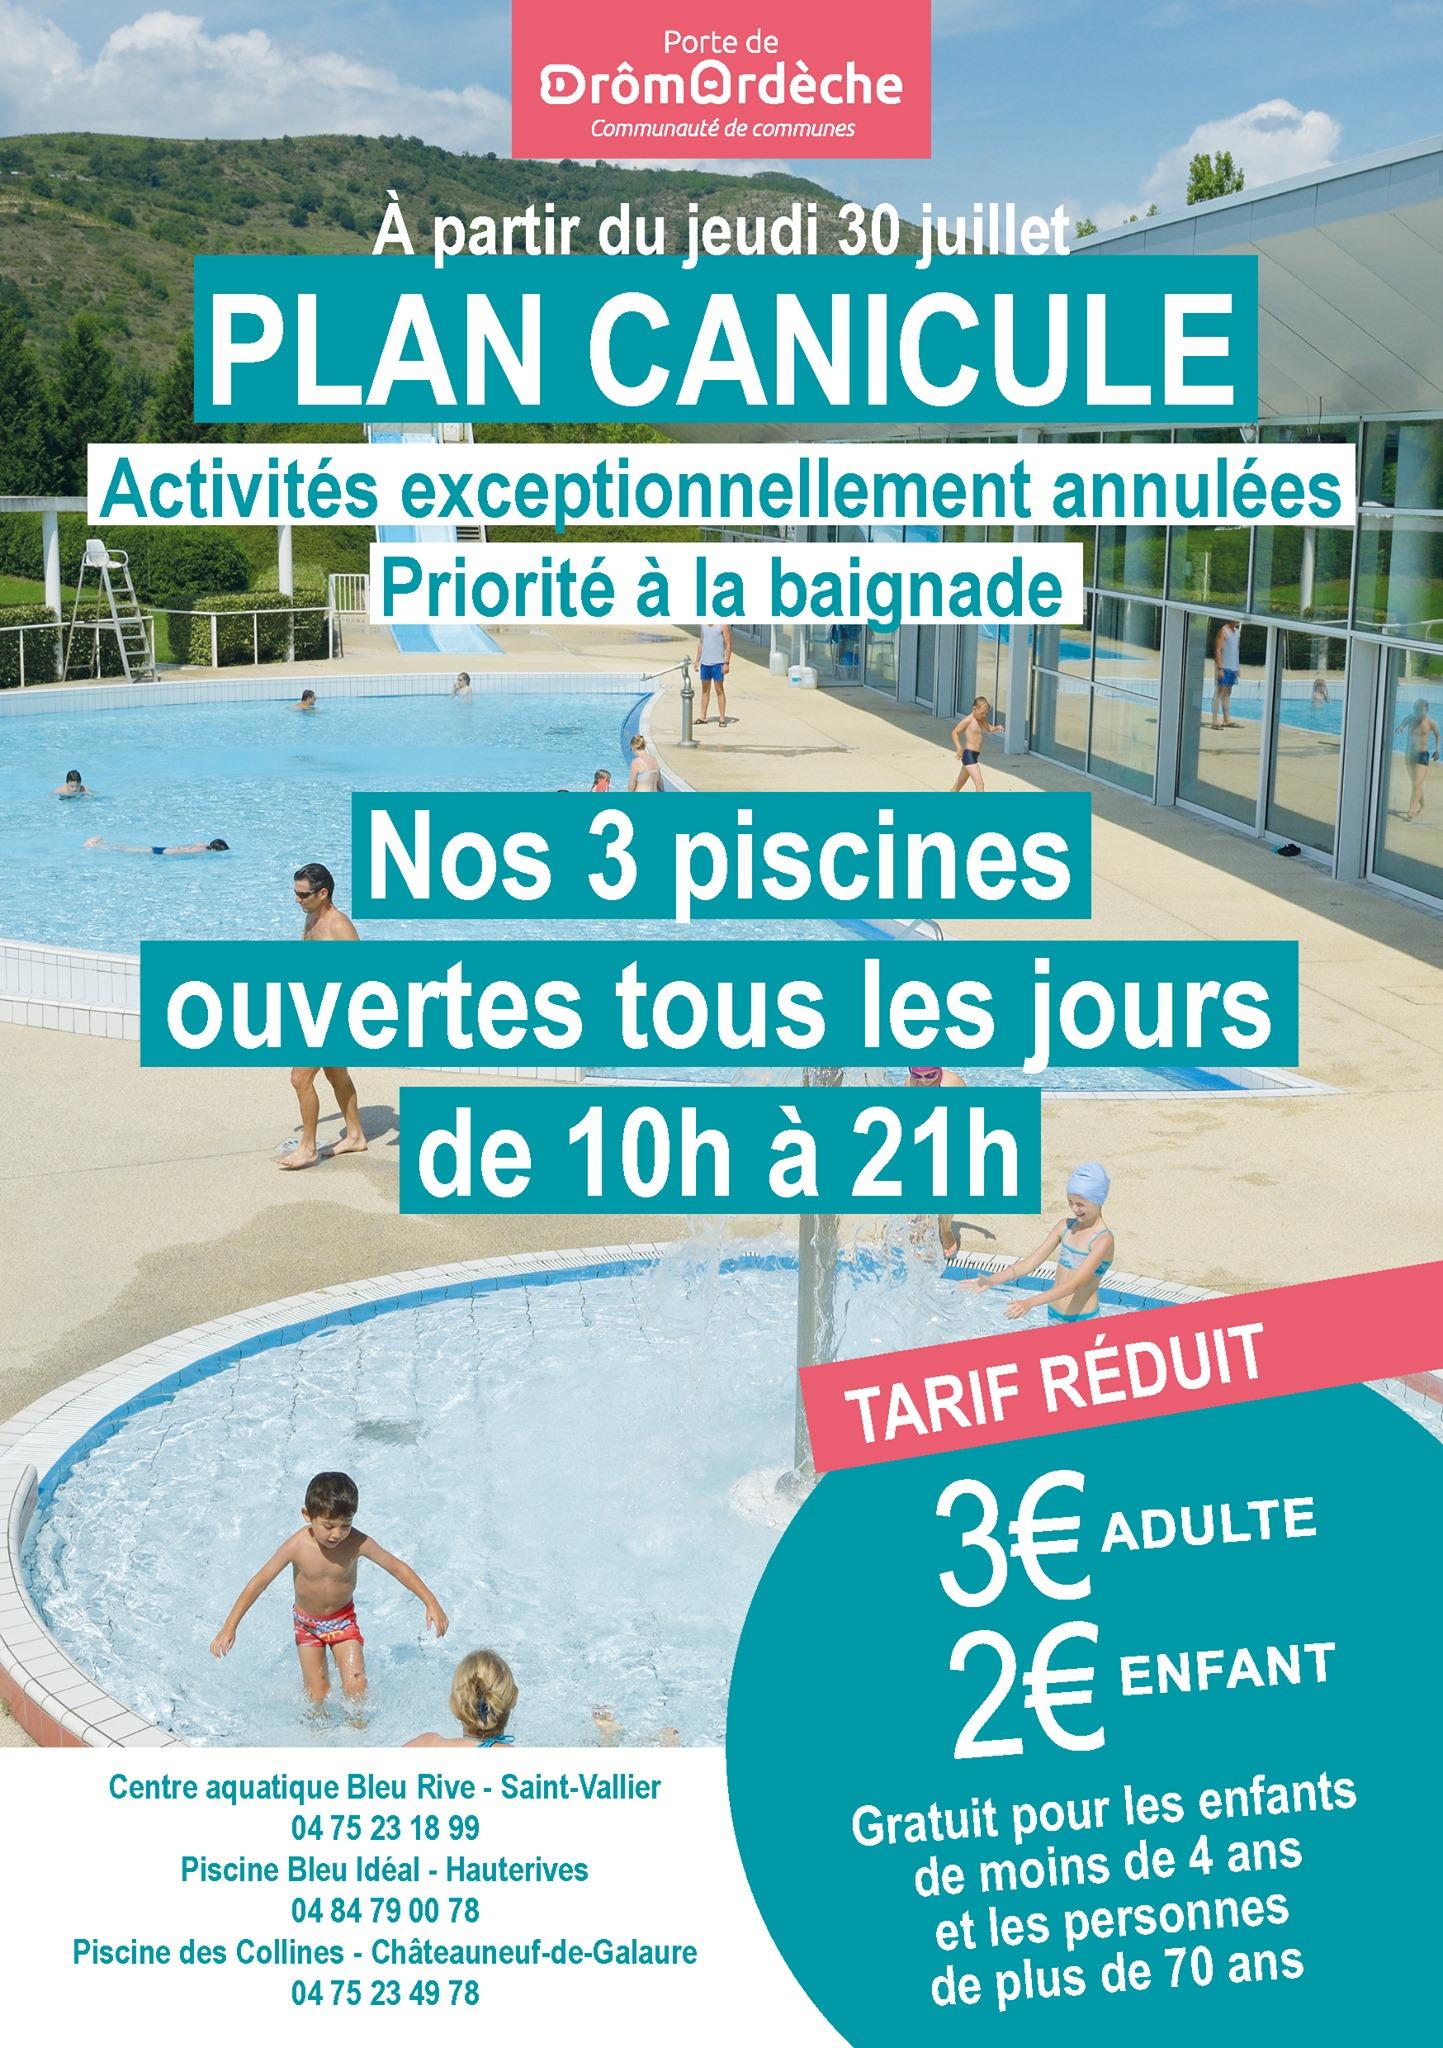 Porte de DrômArdèche : activation du Plan canicule